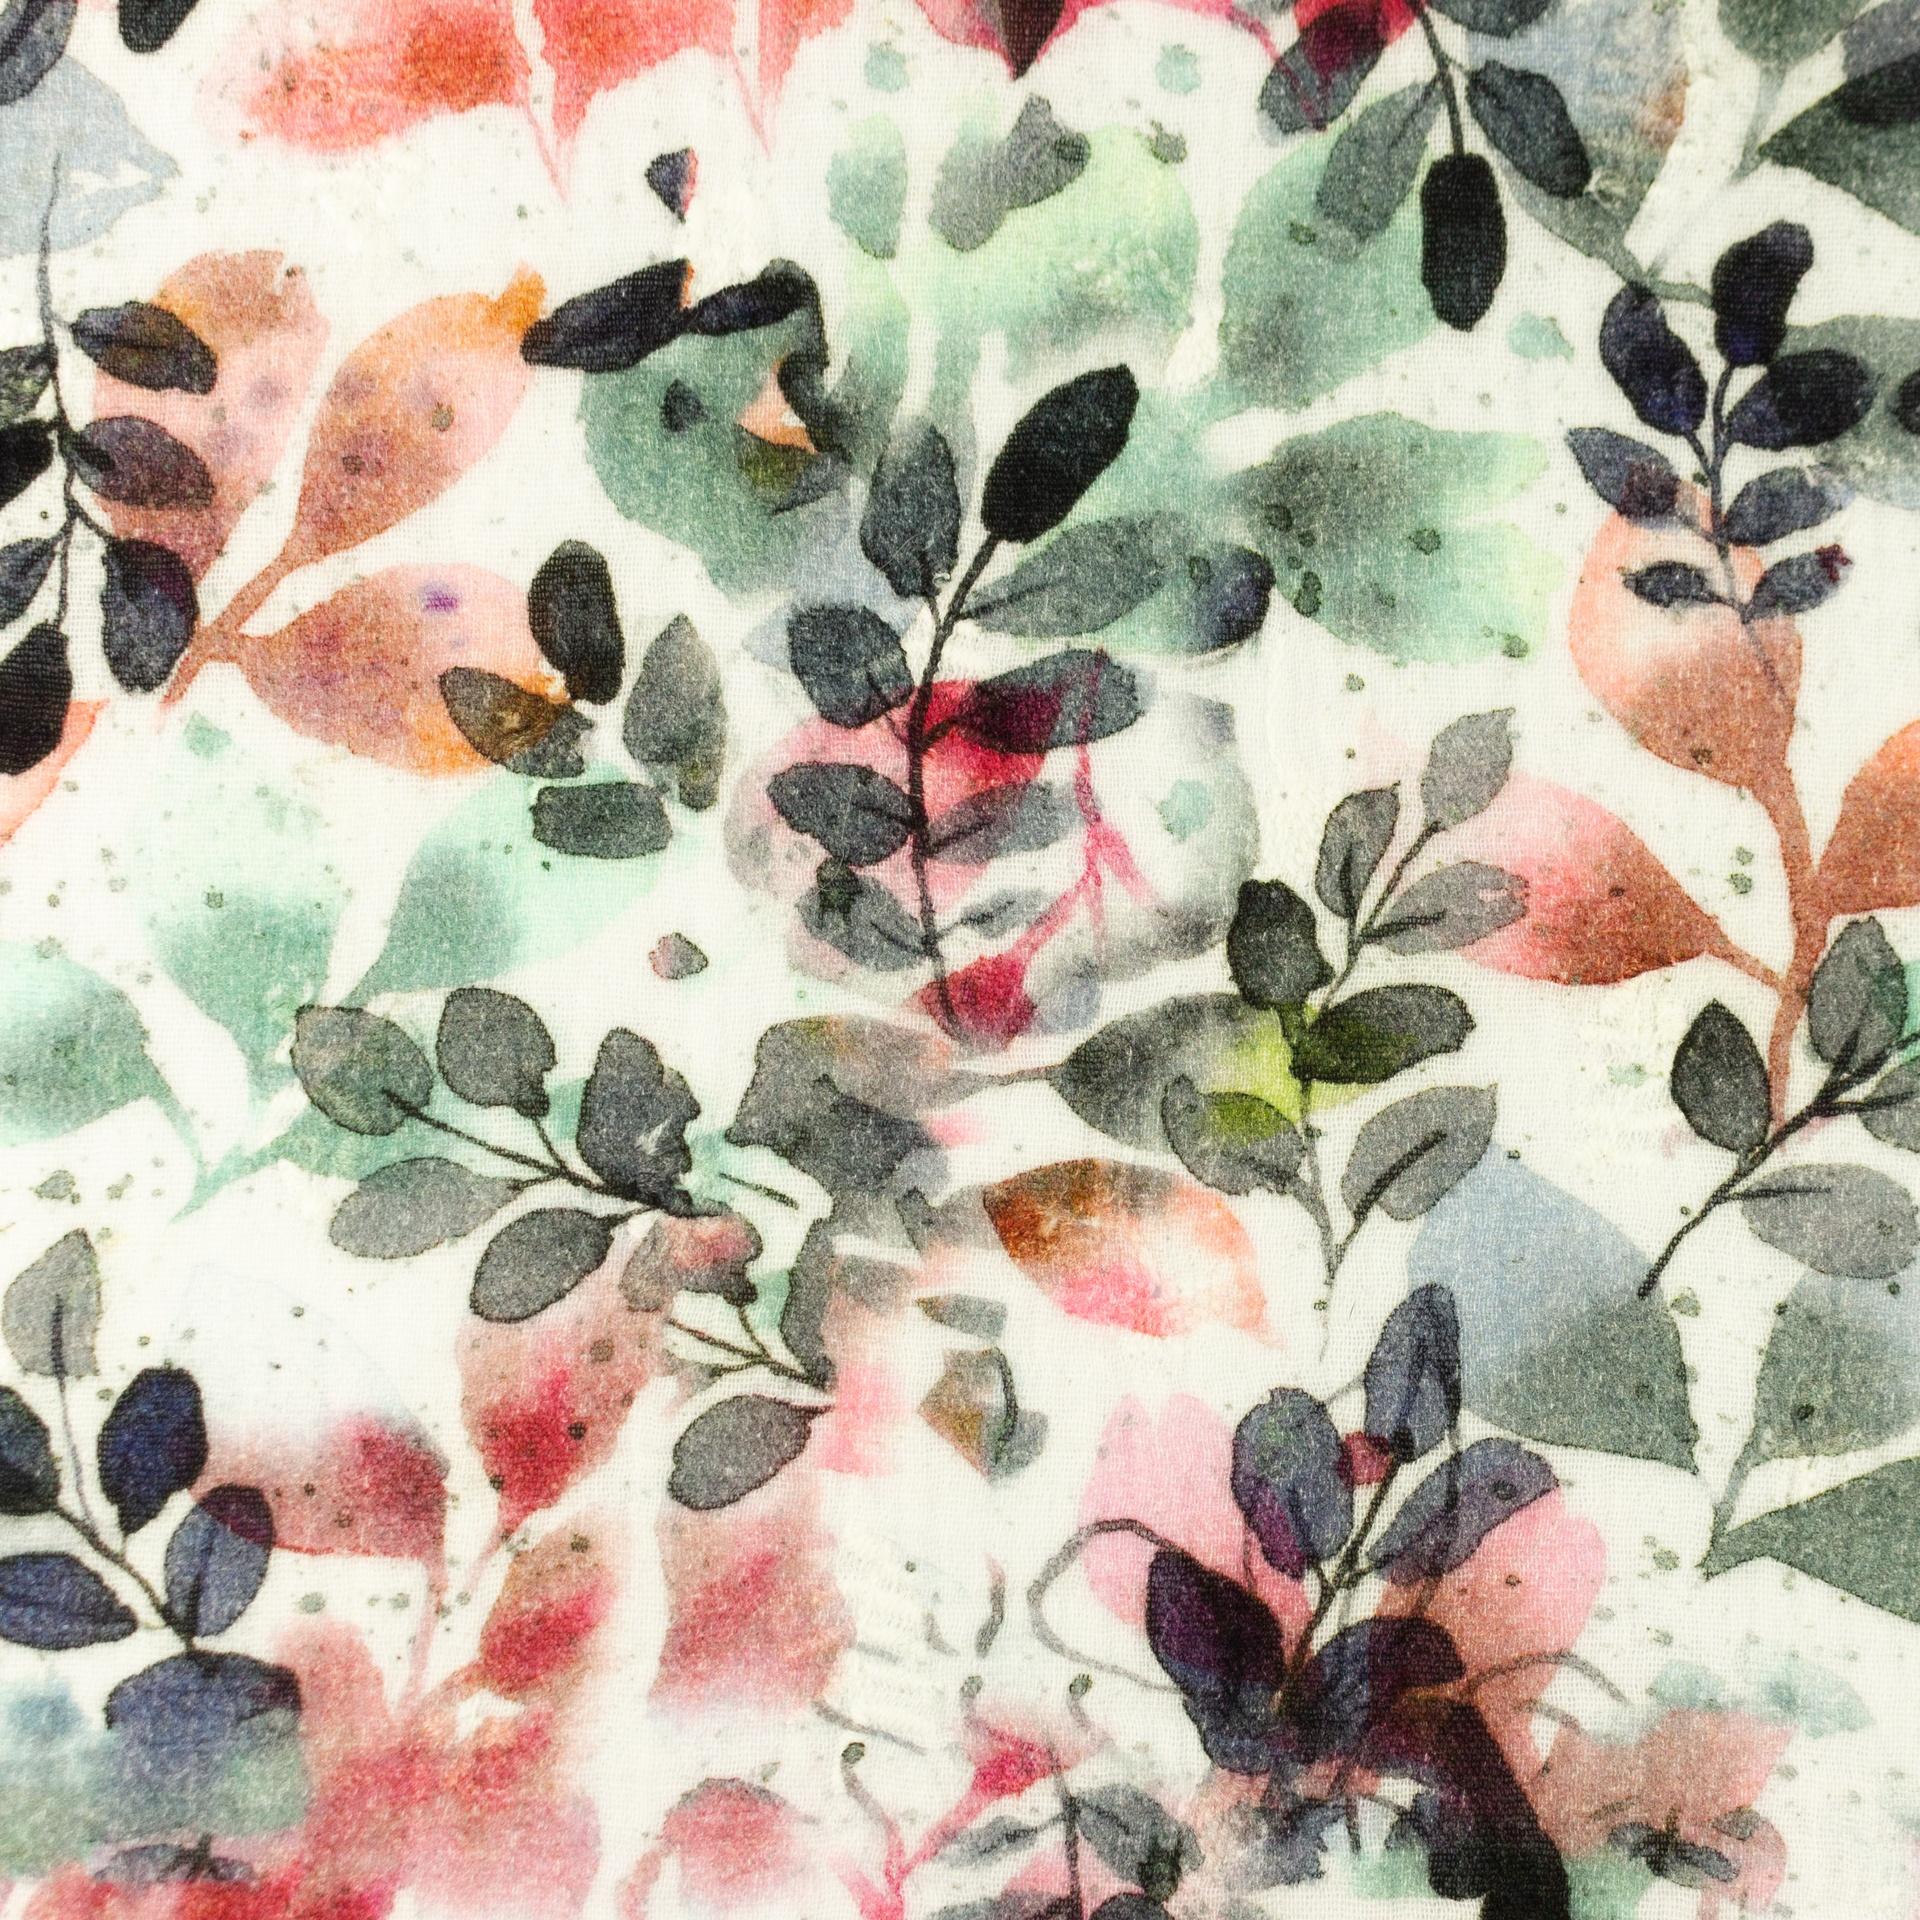 Musselin - Double Gauze - Digitaldruck - Bunte Blätter auf Offwhite